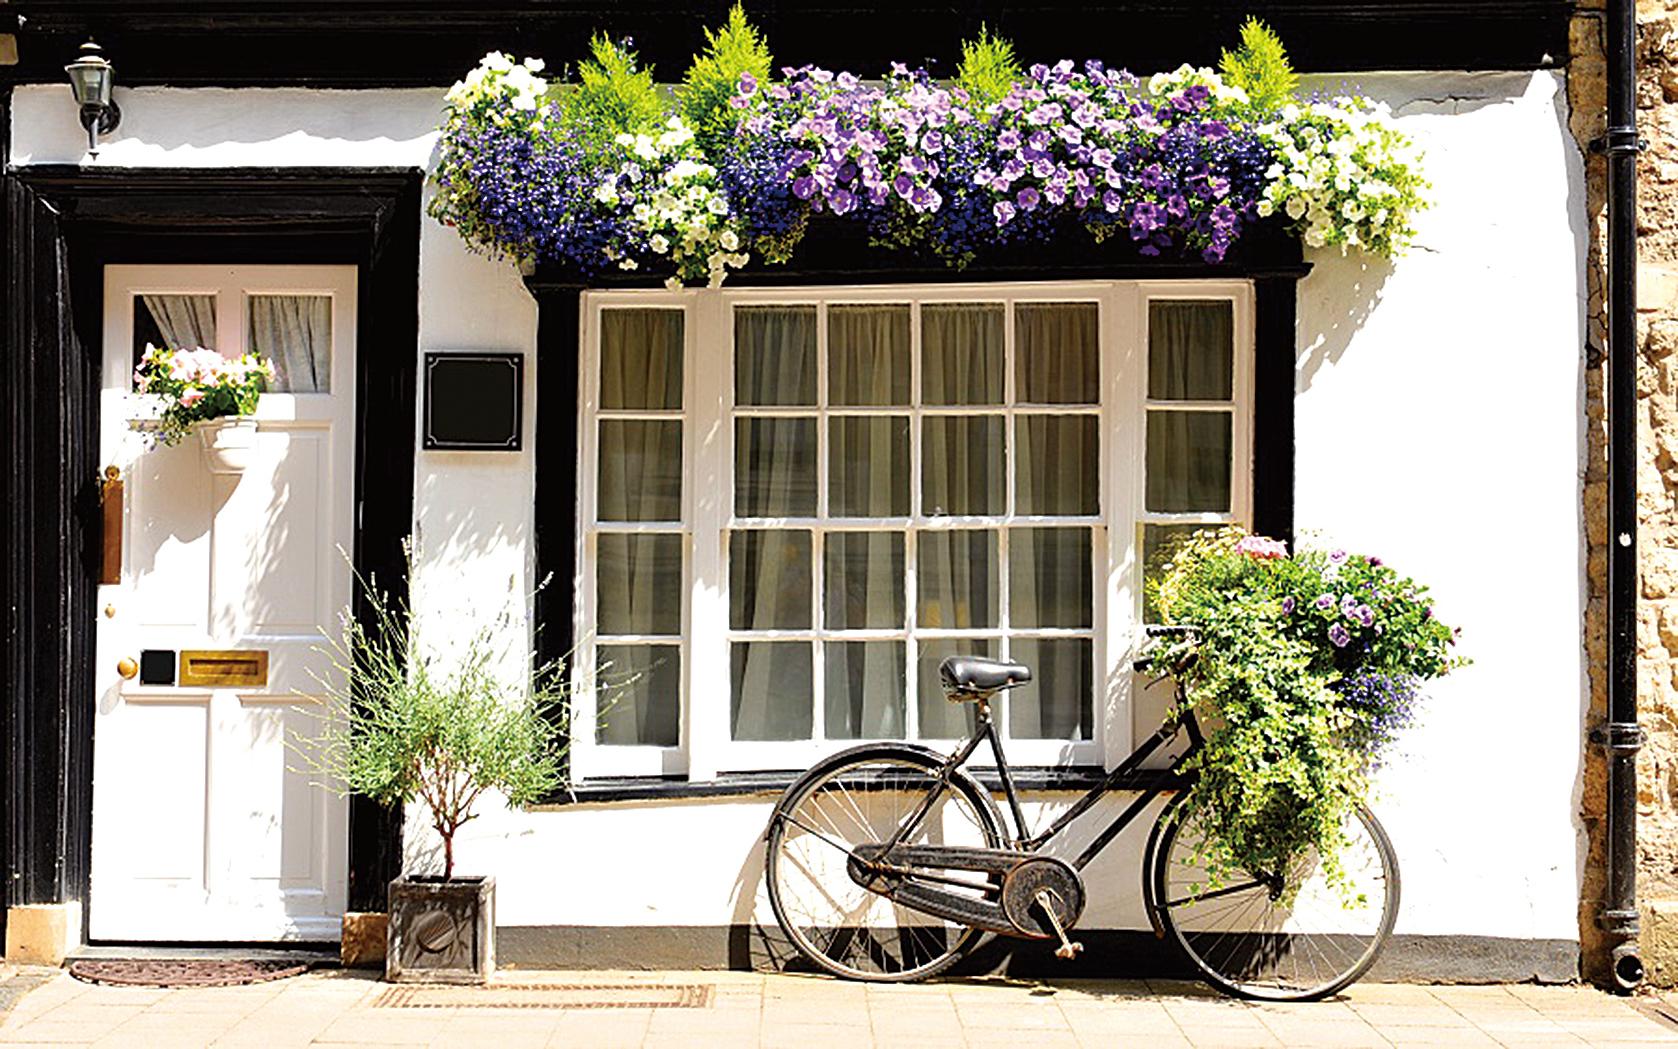 英國劍橋、民居、單車、鮮花(Depositphotos)